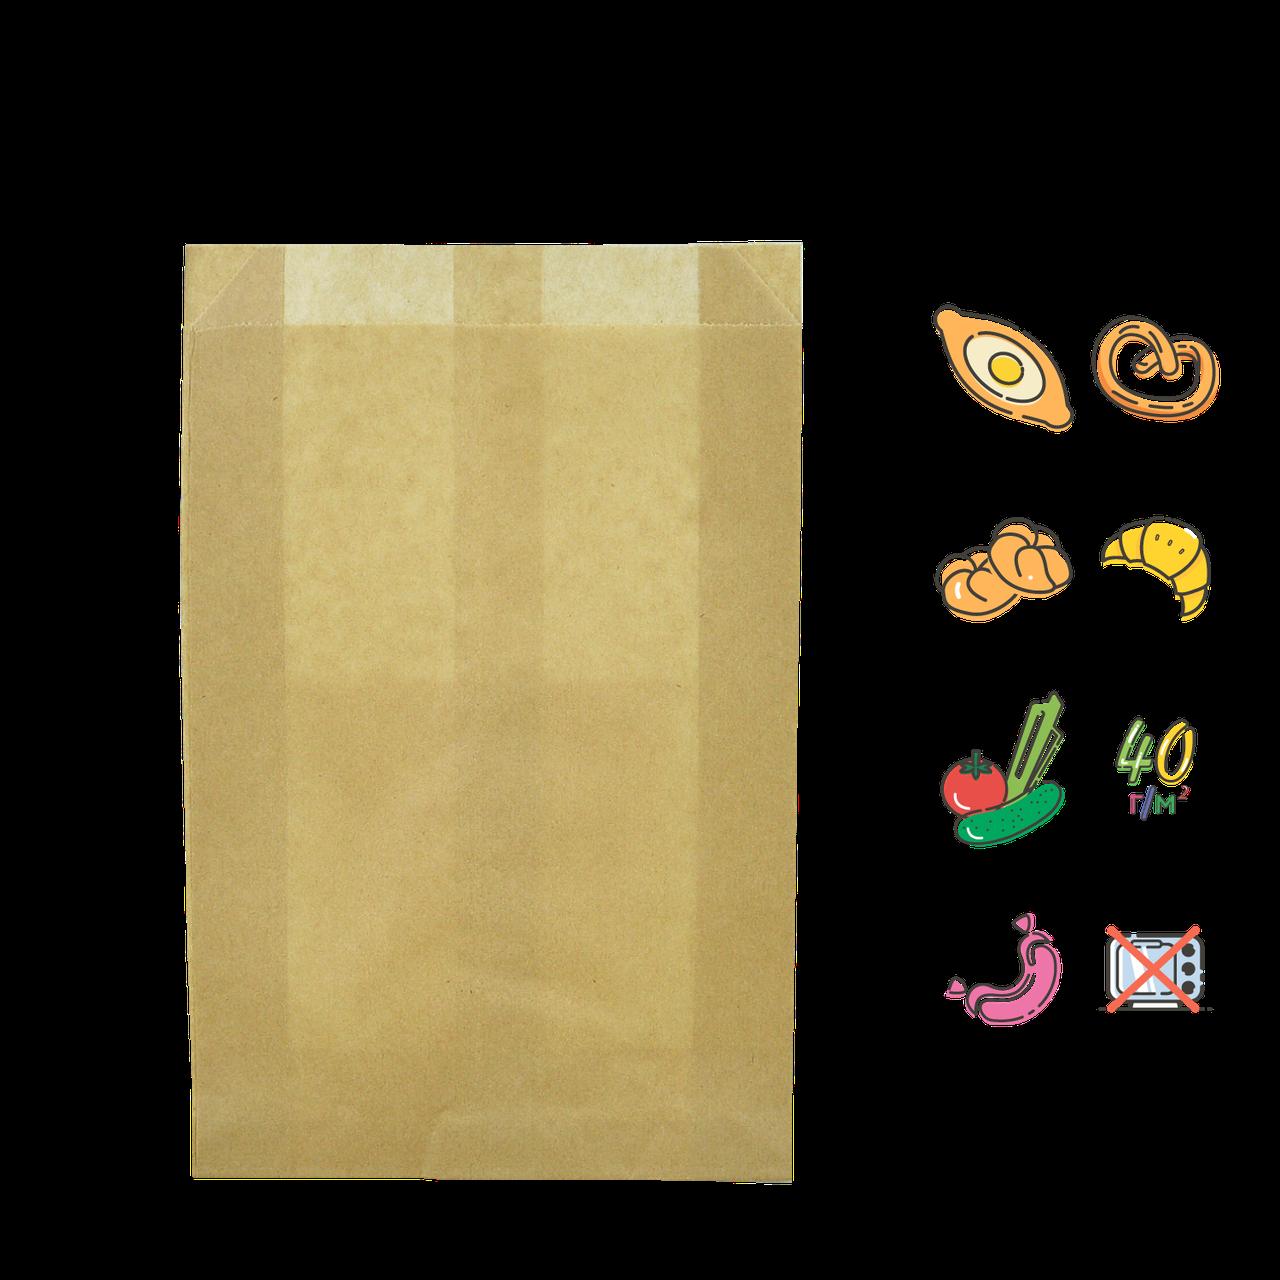 Бумажный Пакет Крафт 220х140х50мм (ВхШхГ) 40г/м² 100шт (602)